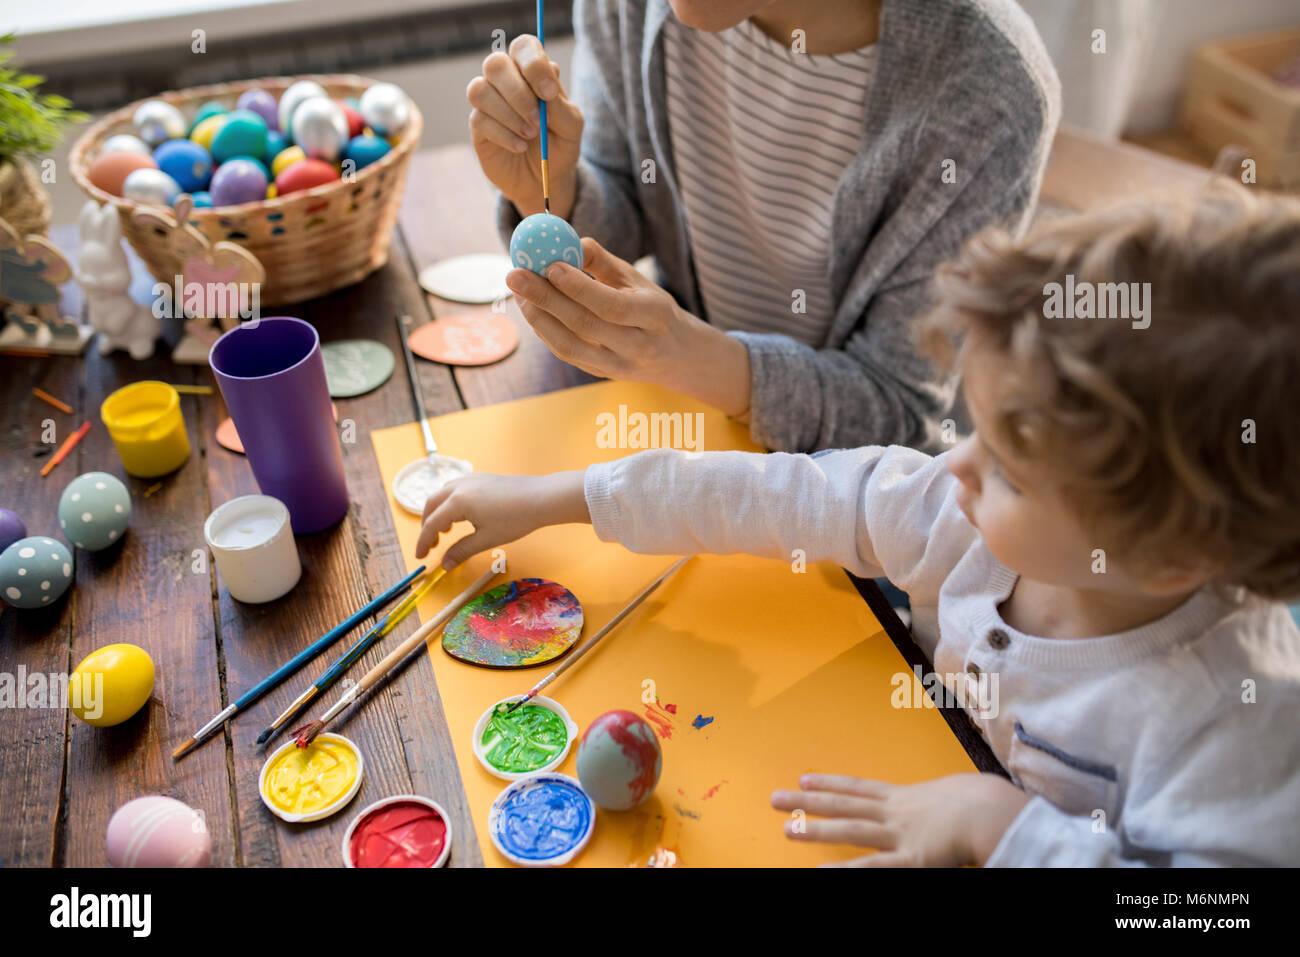 La peinture des Œufs de Pâques en famille pour les vacances Photo Stock